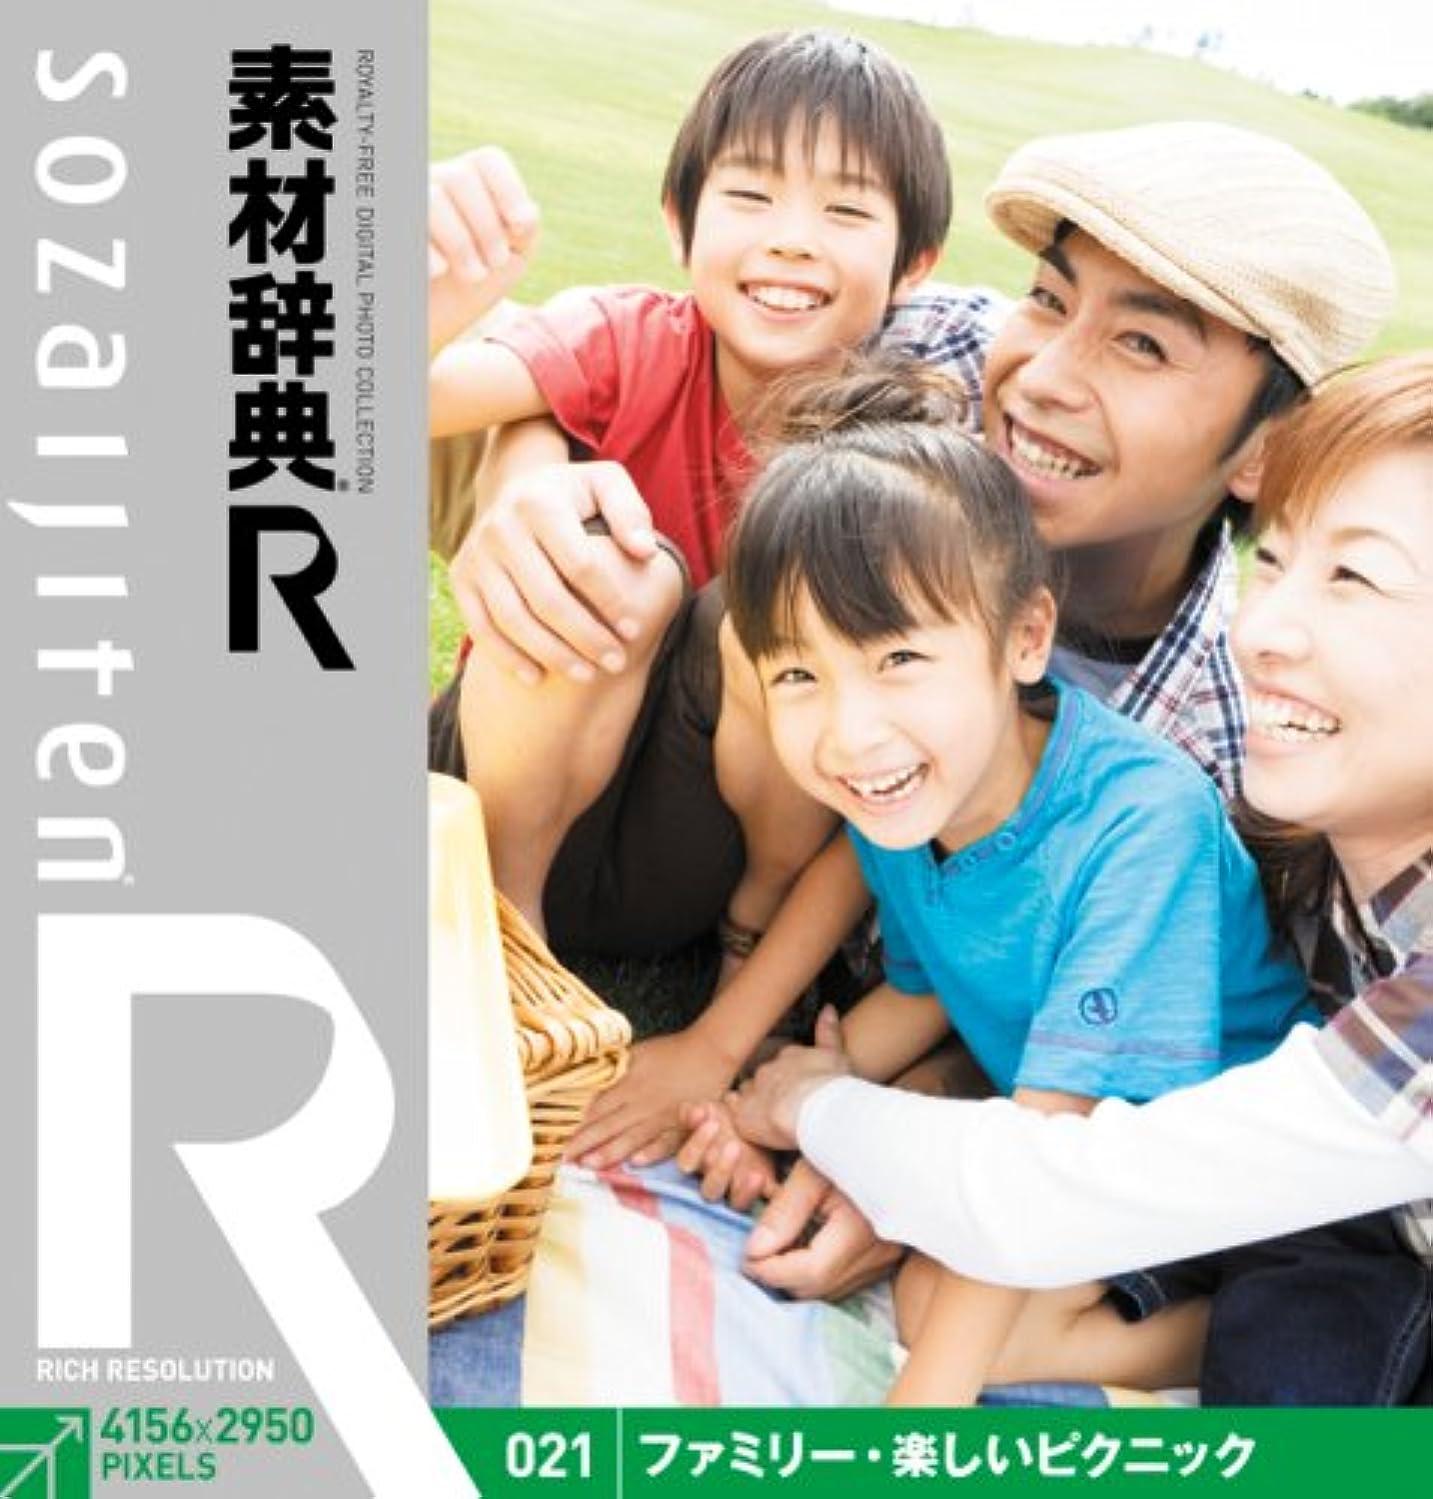 オーナー写真を描く幹素材辞典[R(アール)] 021 ファミリー?楽しいピクニック